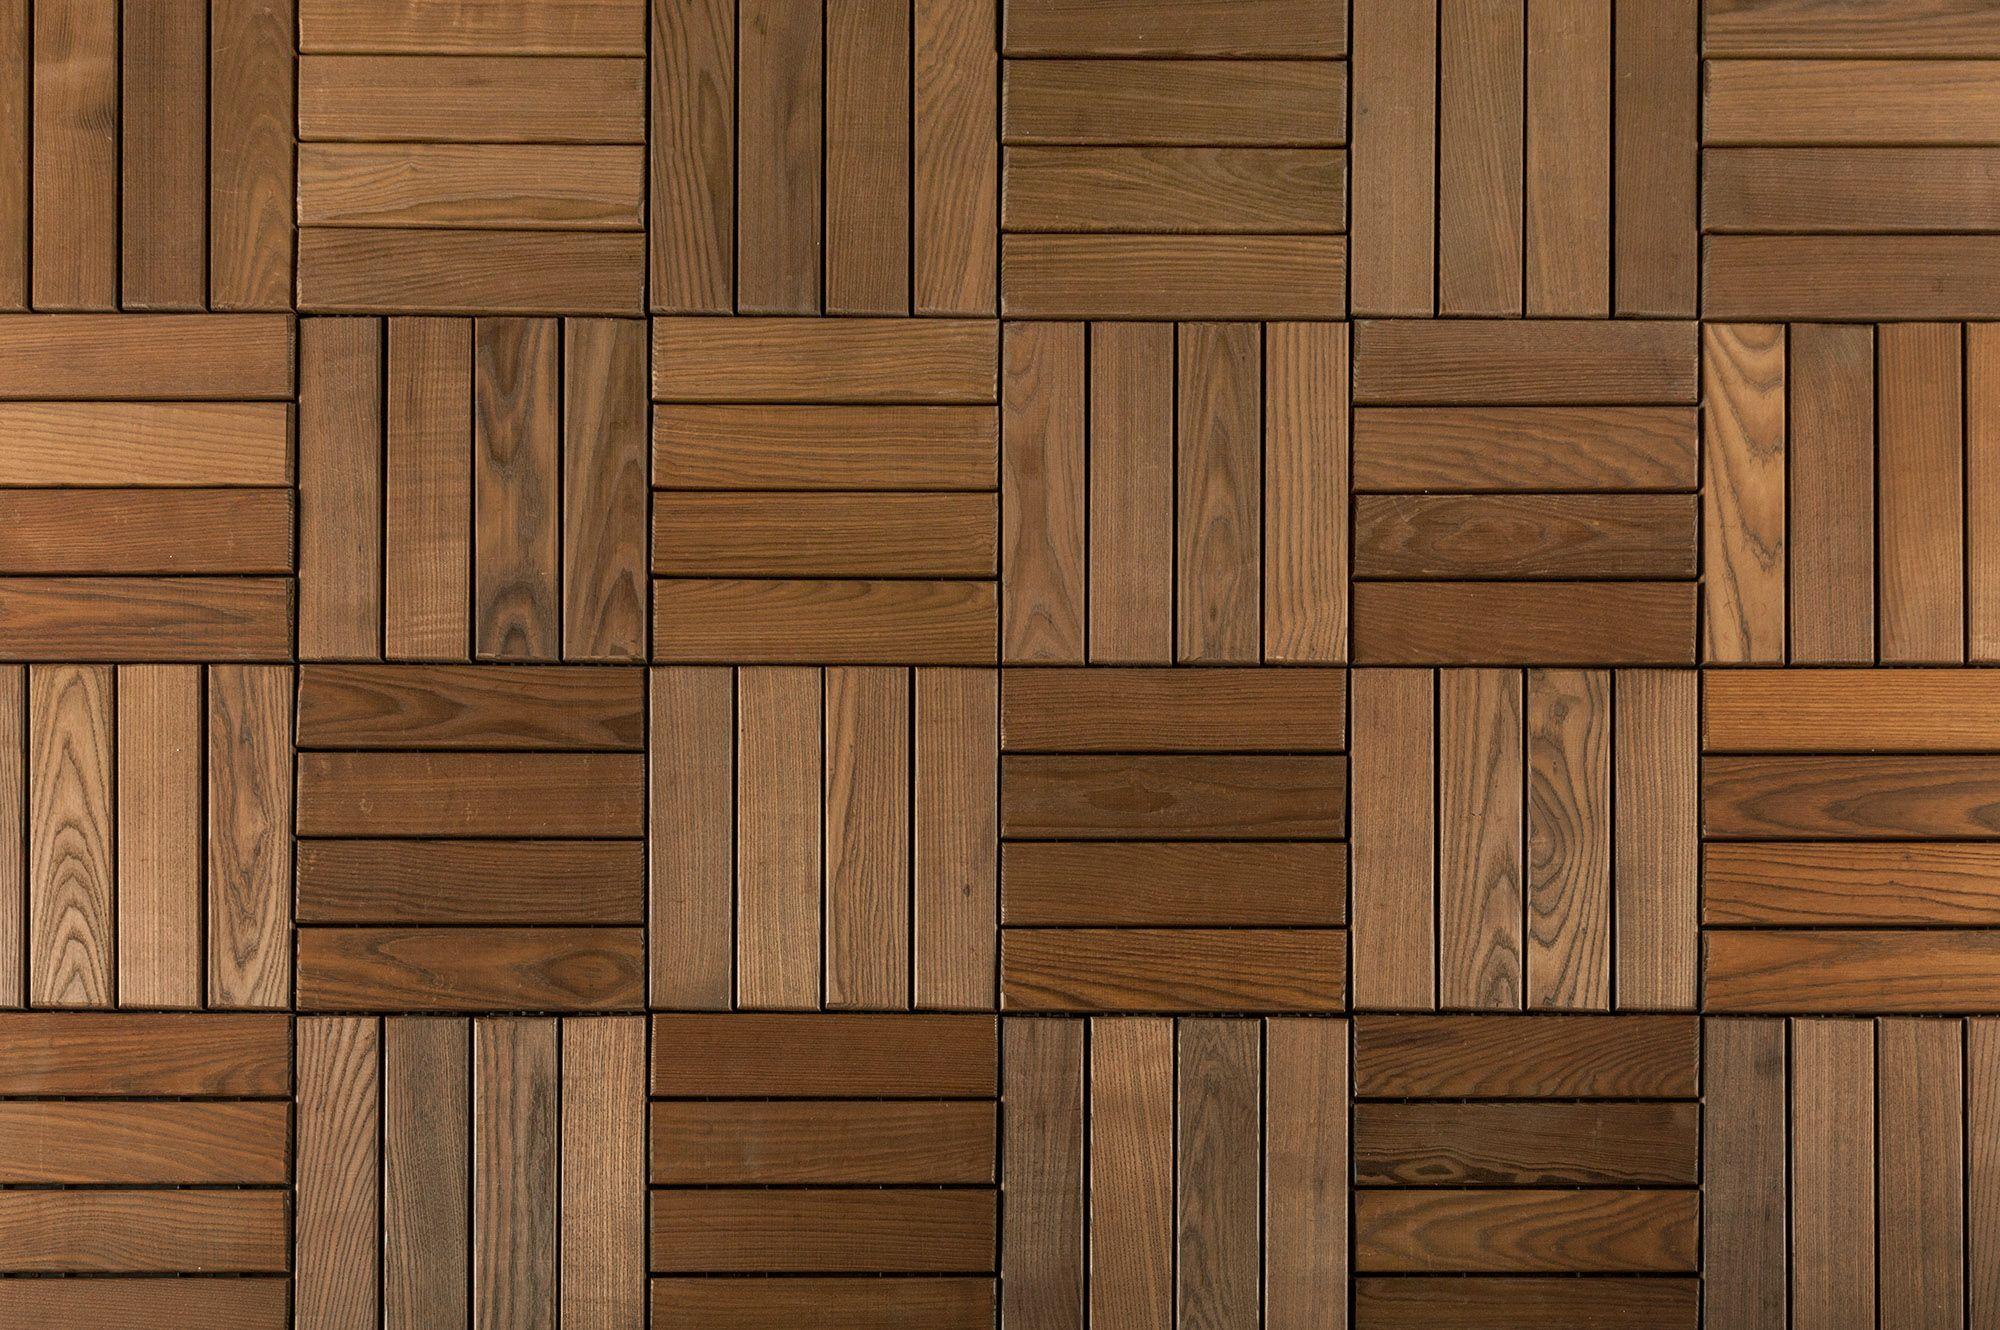 Kontiki Interlocking Deck Tiles Lengo Piastrella Wood Wall